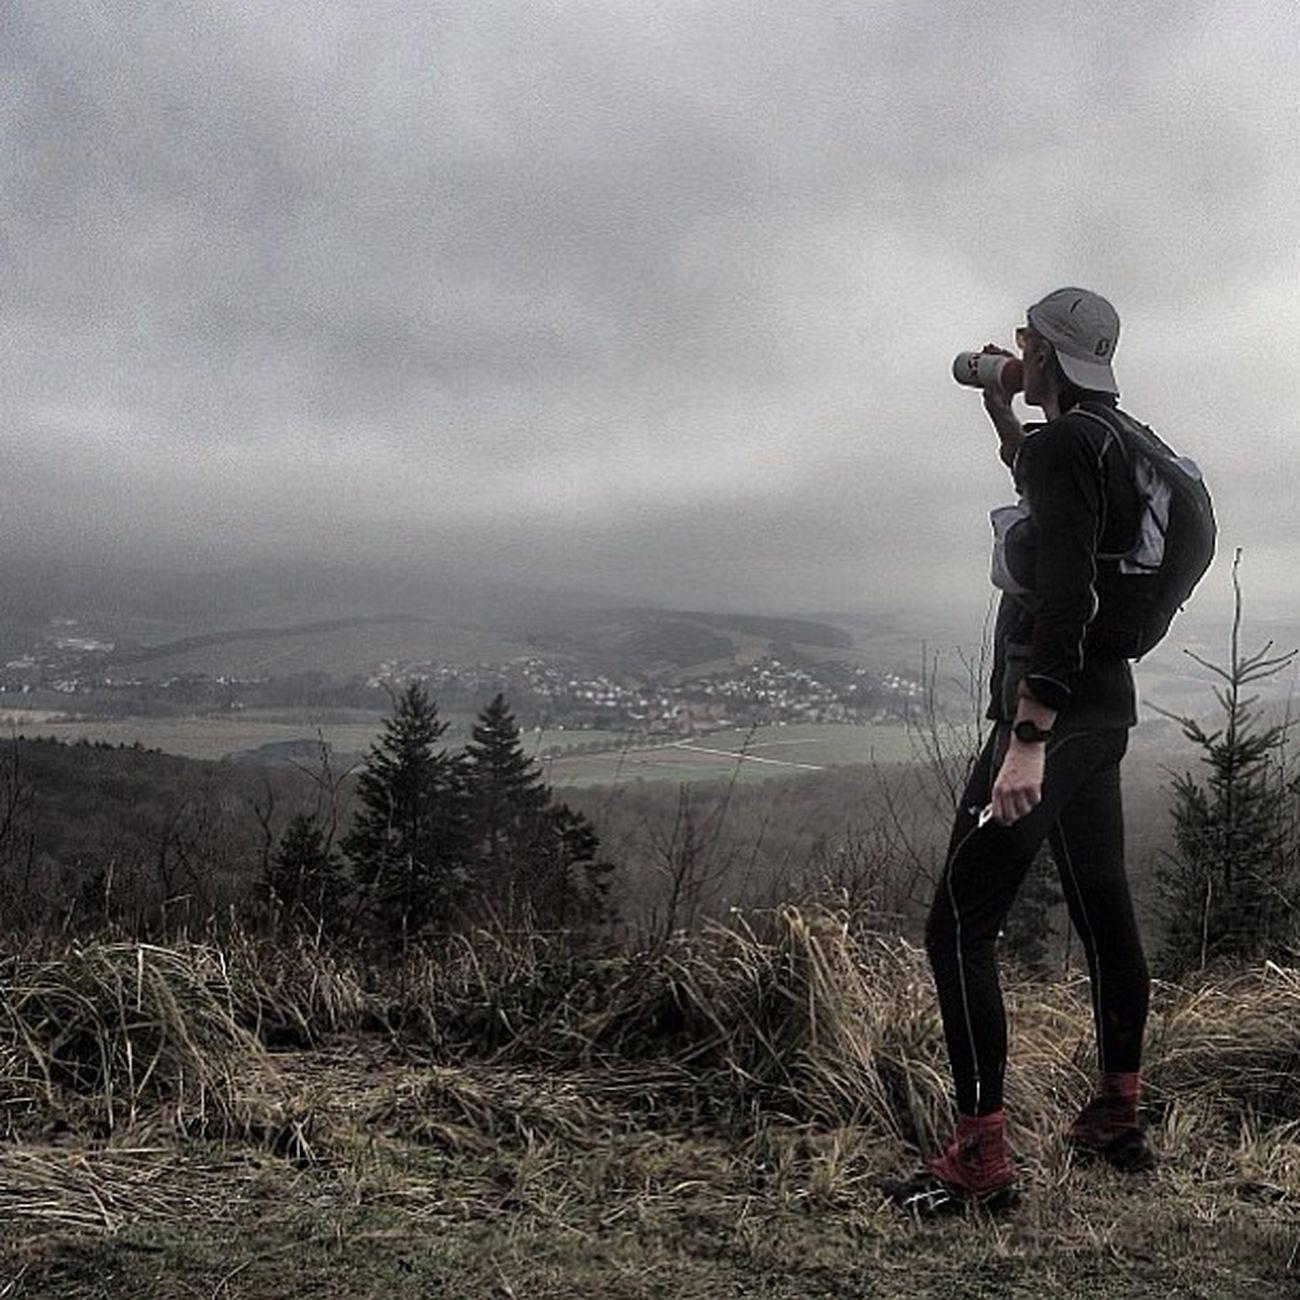 Sklblog Run Laufen Forrest Saxxony Salzdetfurth Wesseln Sponser Xkross Sziols Hill Berg Turmberg